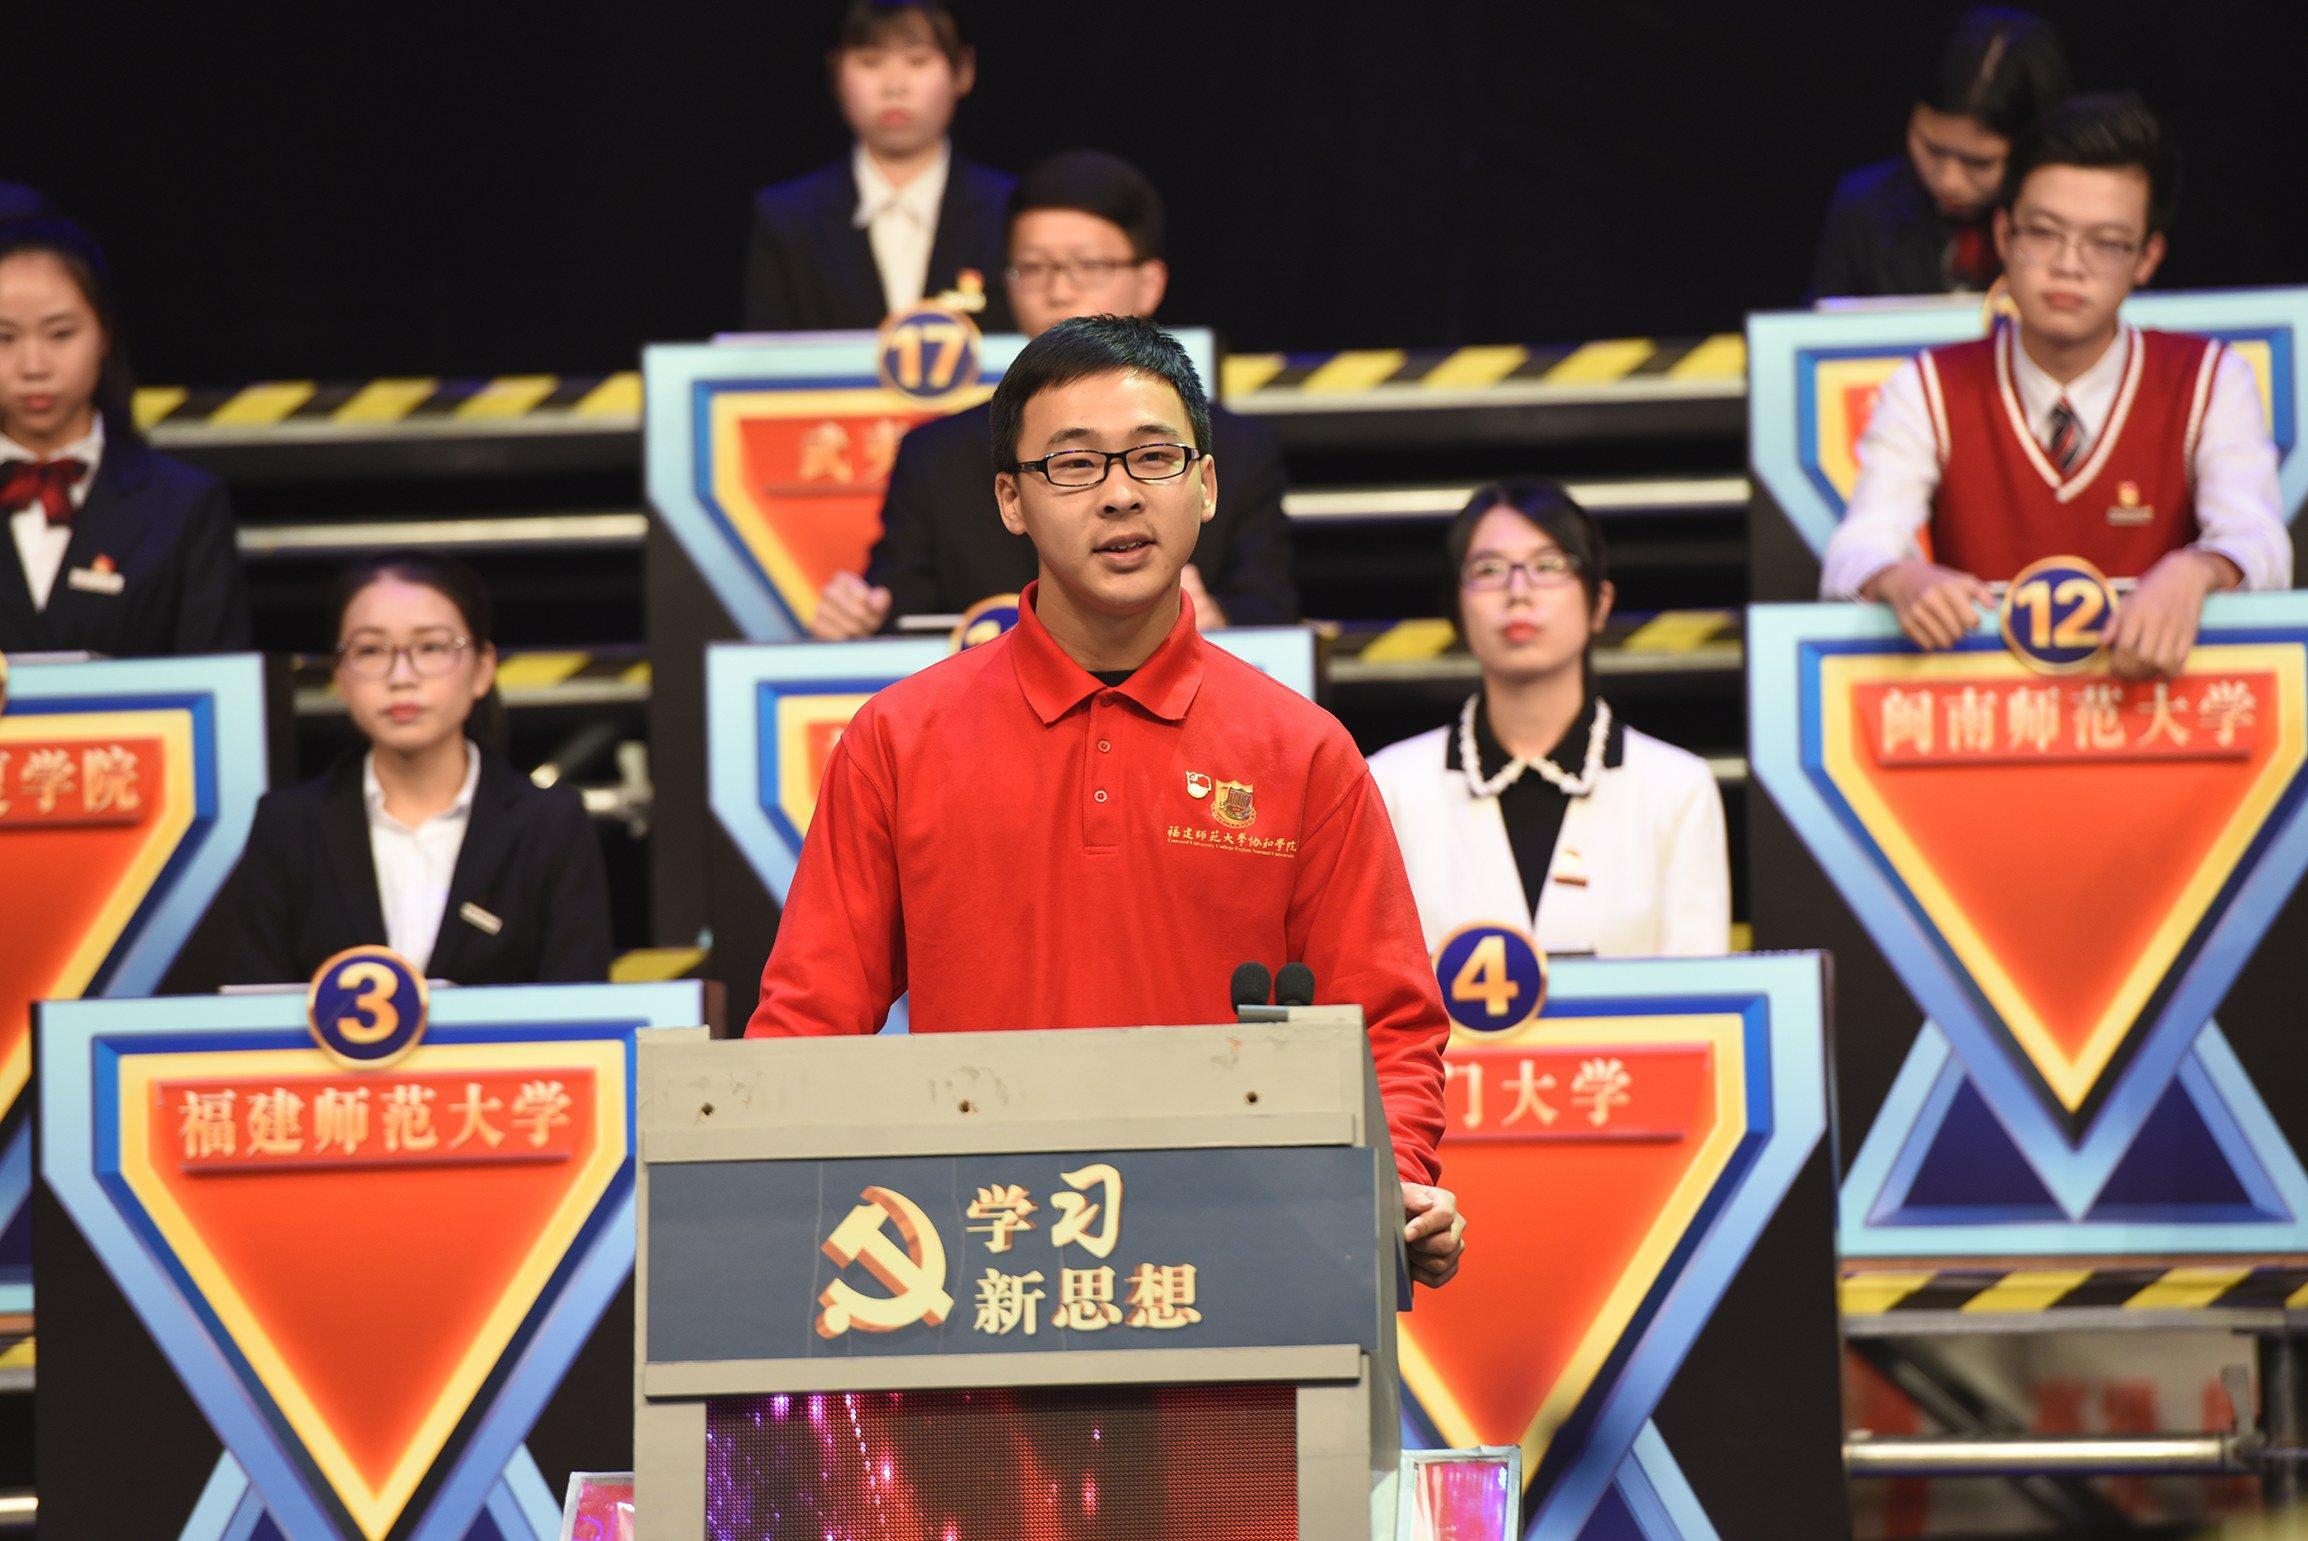 不忘初心 学习在路上――访学生党员白茂峰